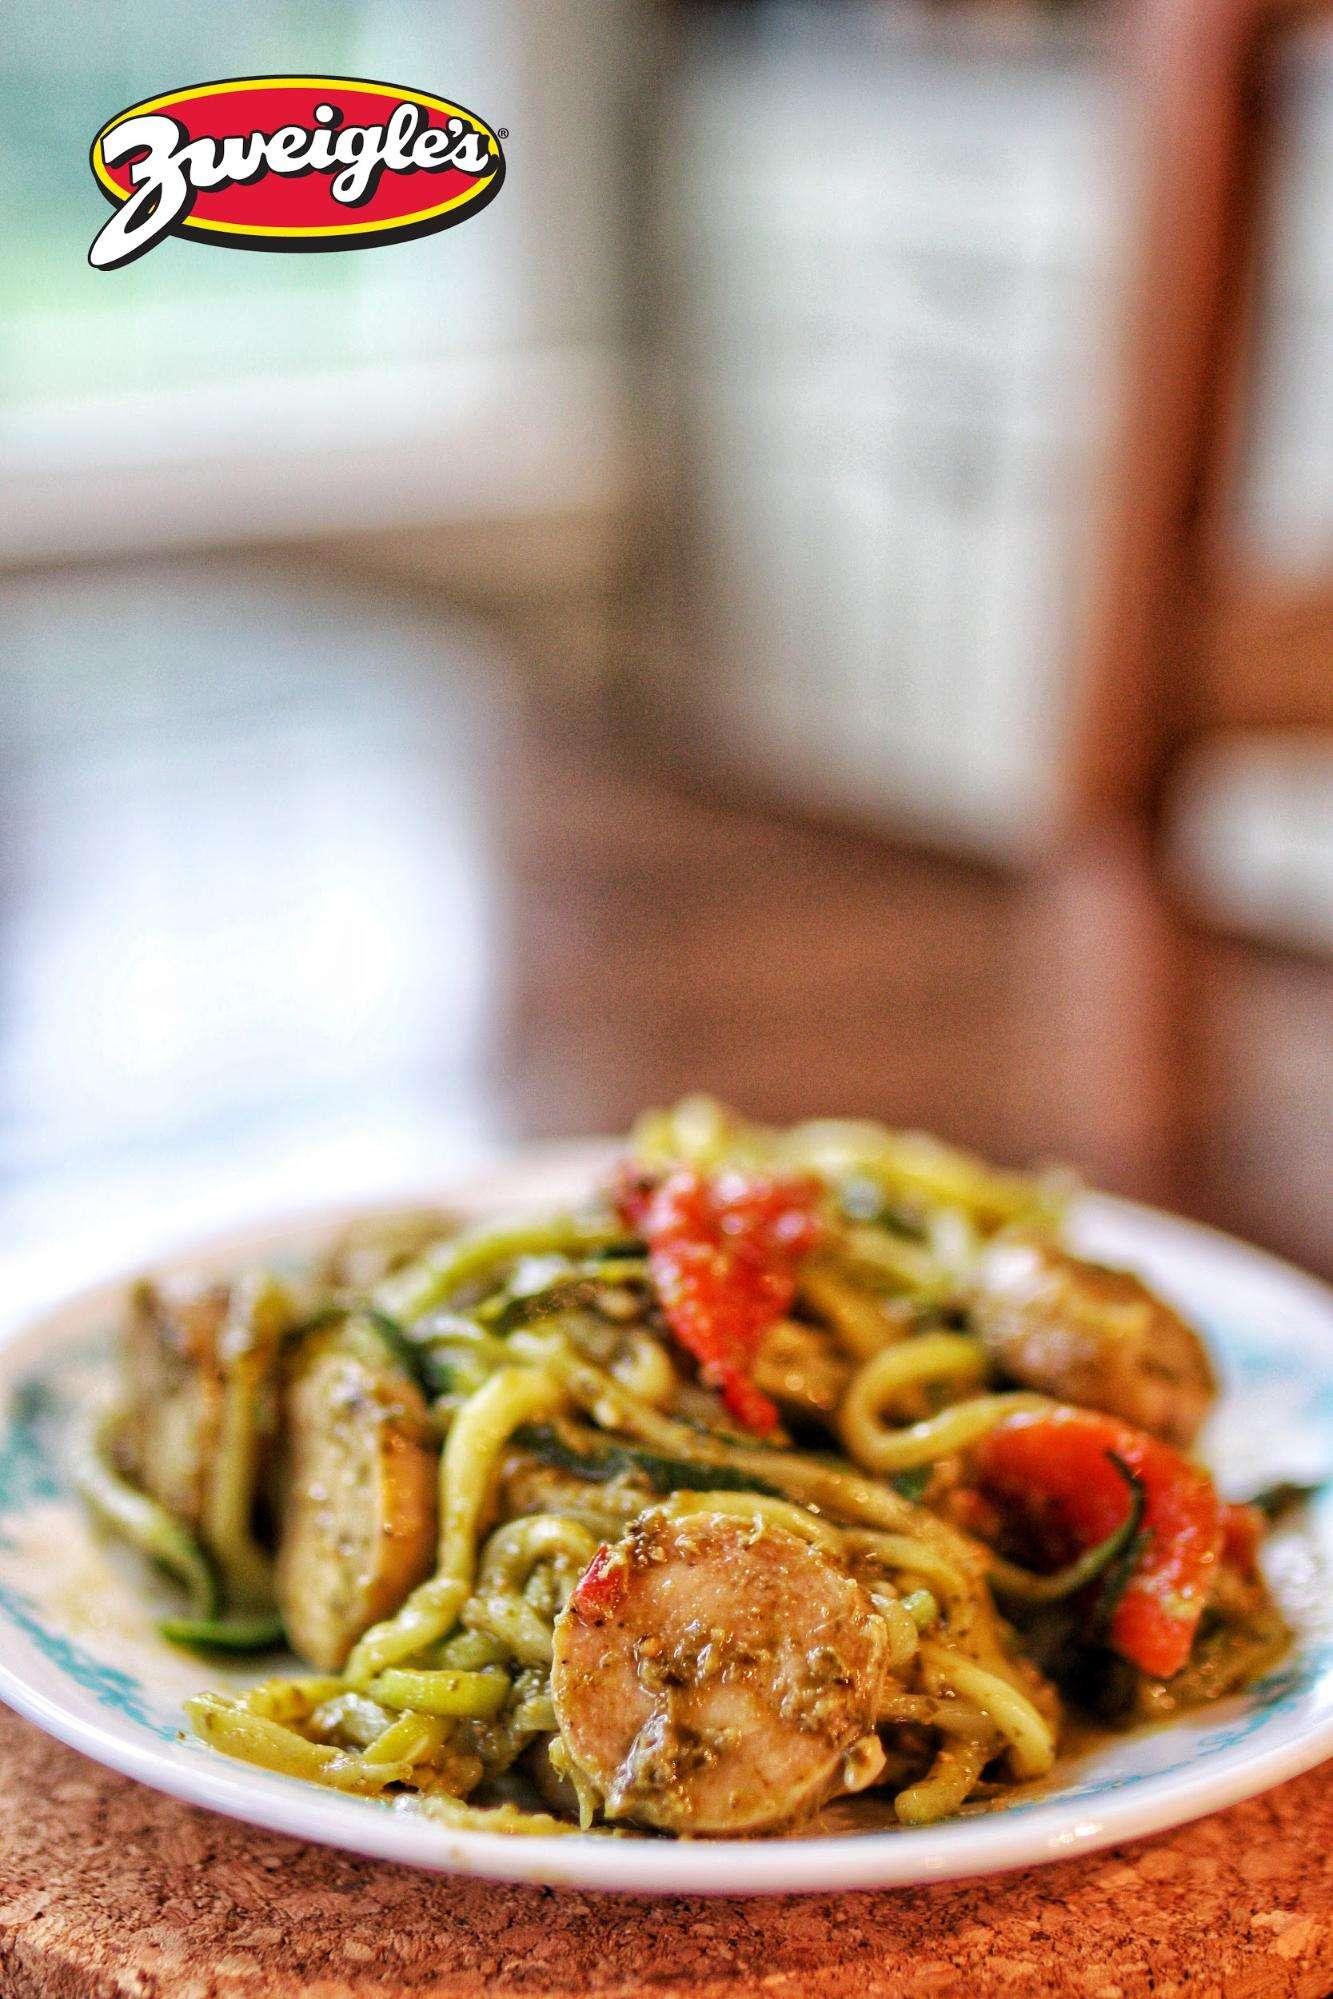 Zweigle's 5 Ingredient Chicken Sausage Pesto Pasta